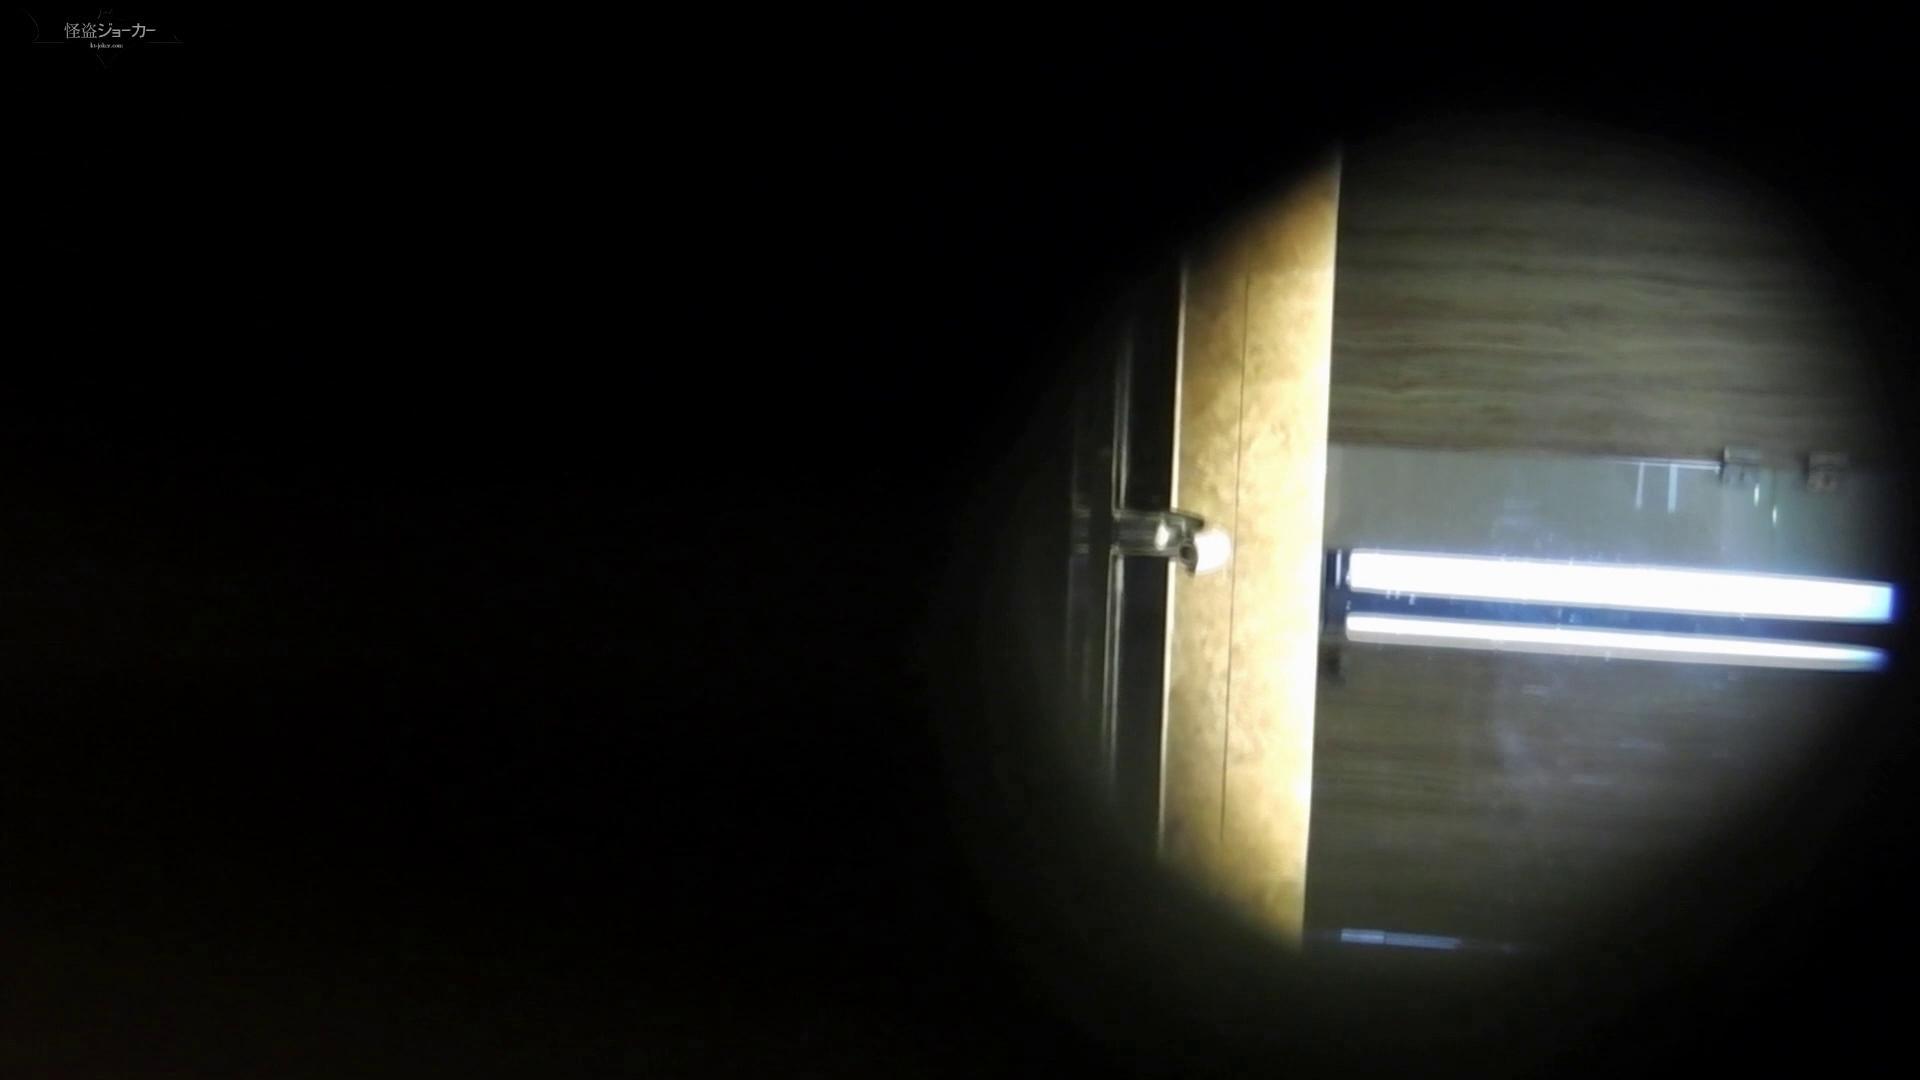 阿国ちゃんの和式洋式七変化 Vol.25 ん?突起物が・・・。 色っぽいOL達 のぞき動画画像 55pic 11